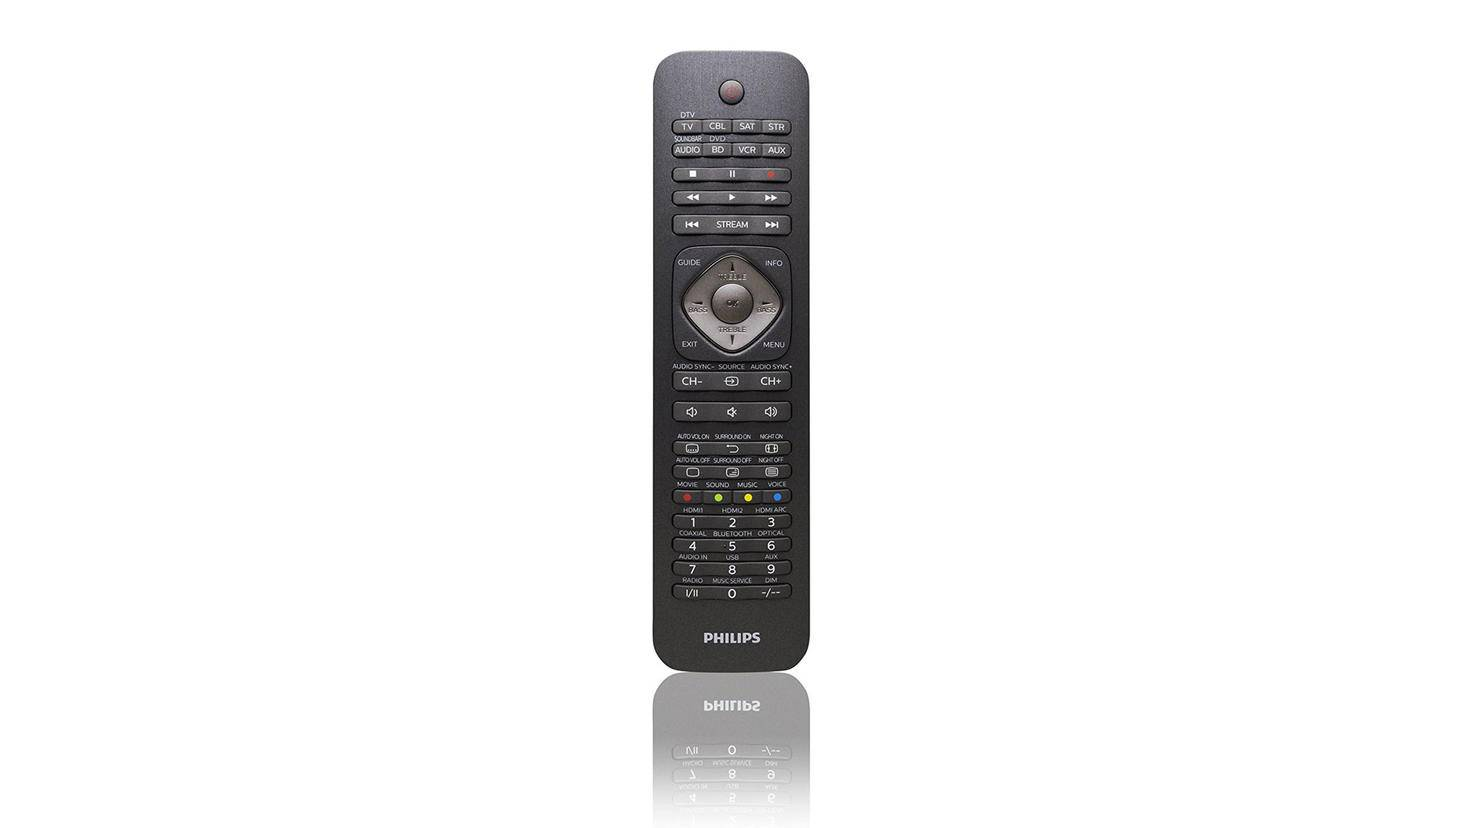 philips-remote